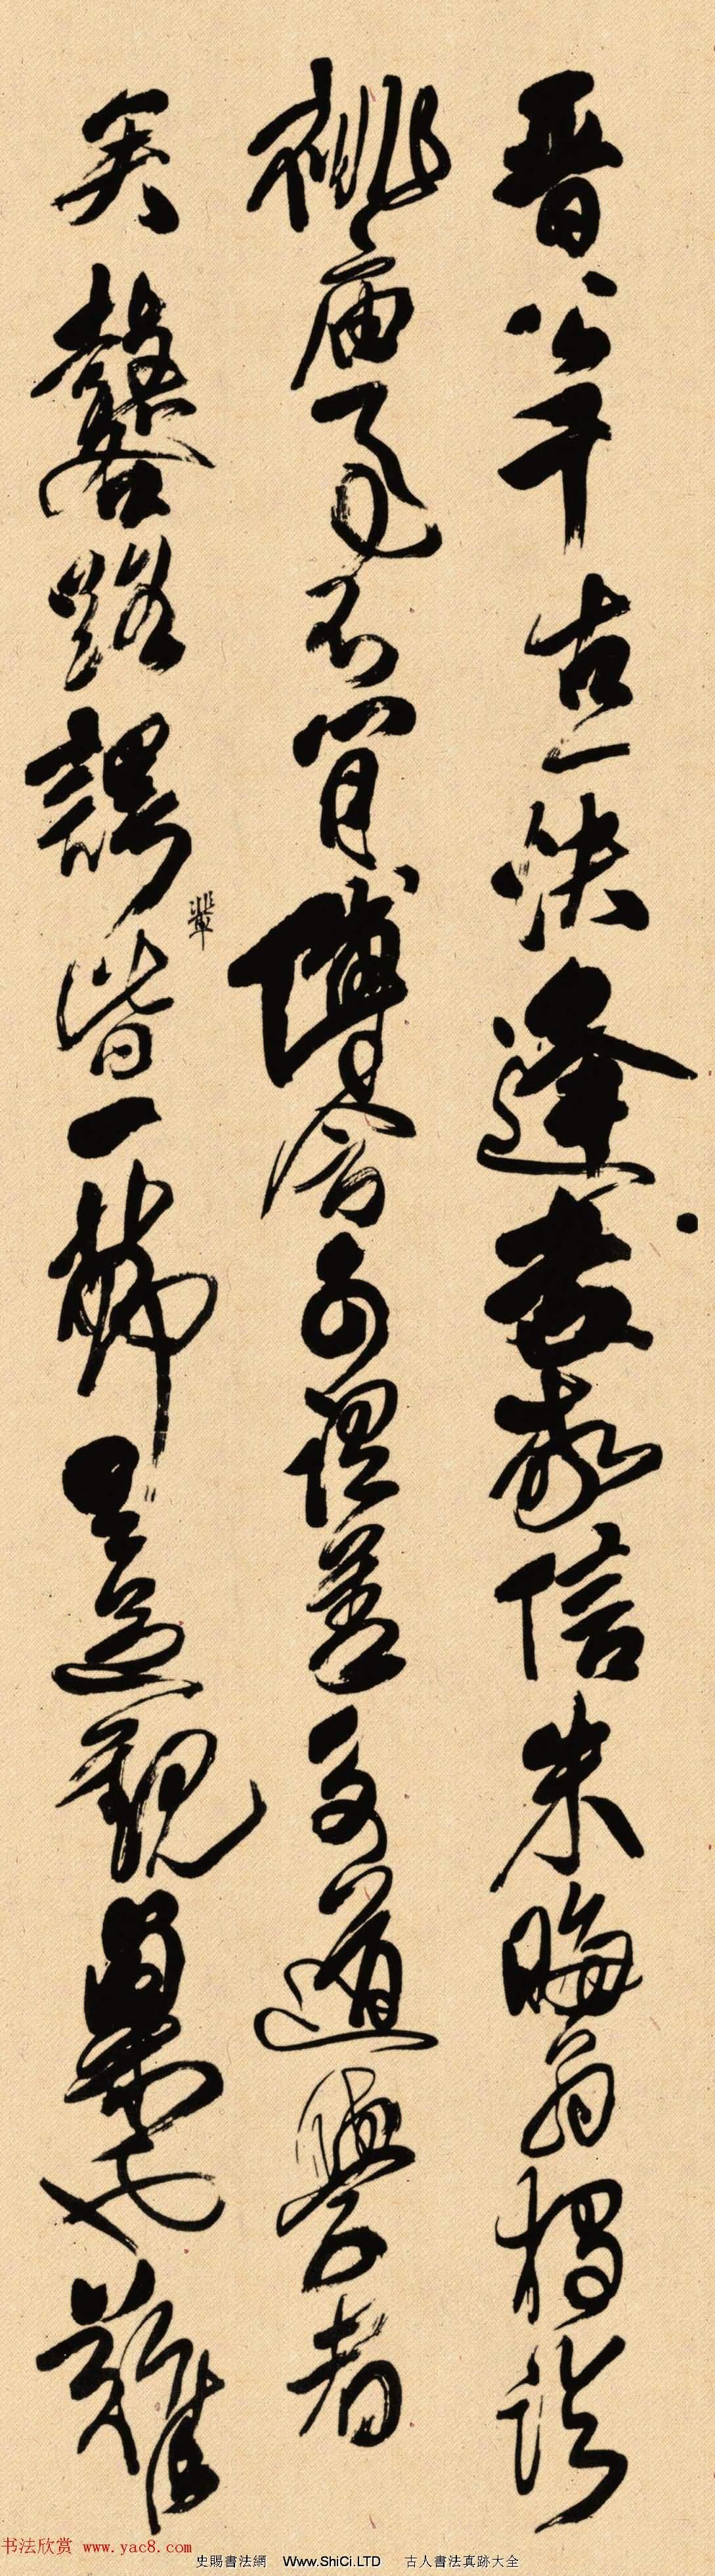 清代傅山晚年草書作品真跡《晉公千古一快四條屏》(共4張圖片)